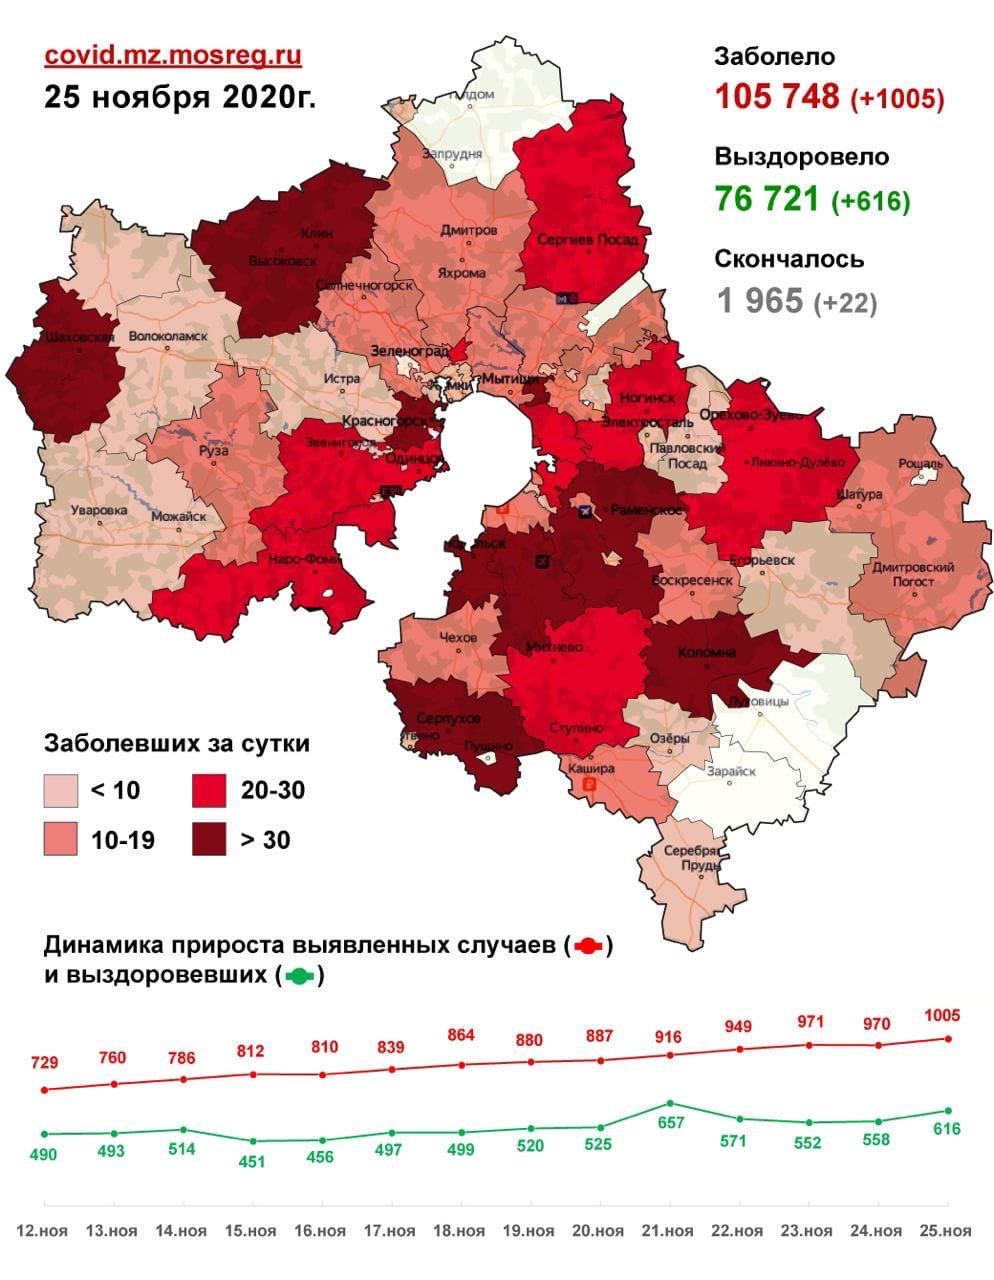 Статистика заболевших коронавирусом в Сергиевом Посаде и городах Московской области на 26 ноября 2020